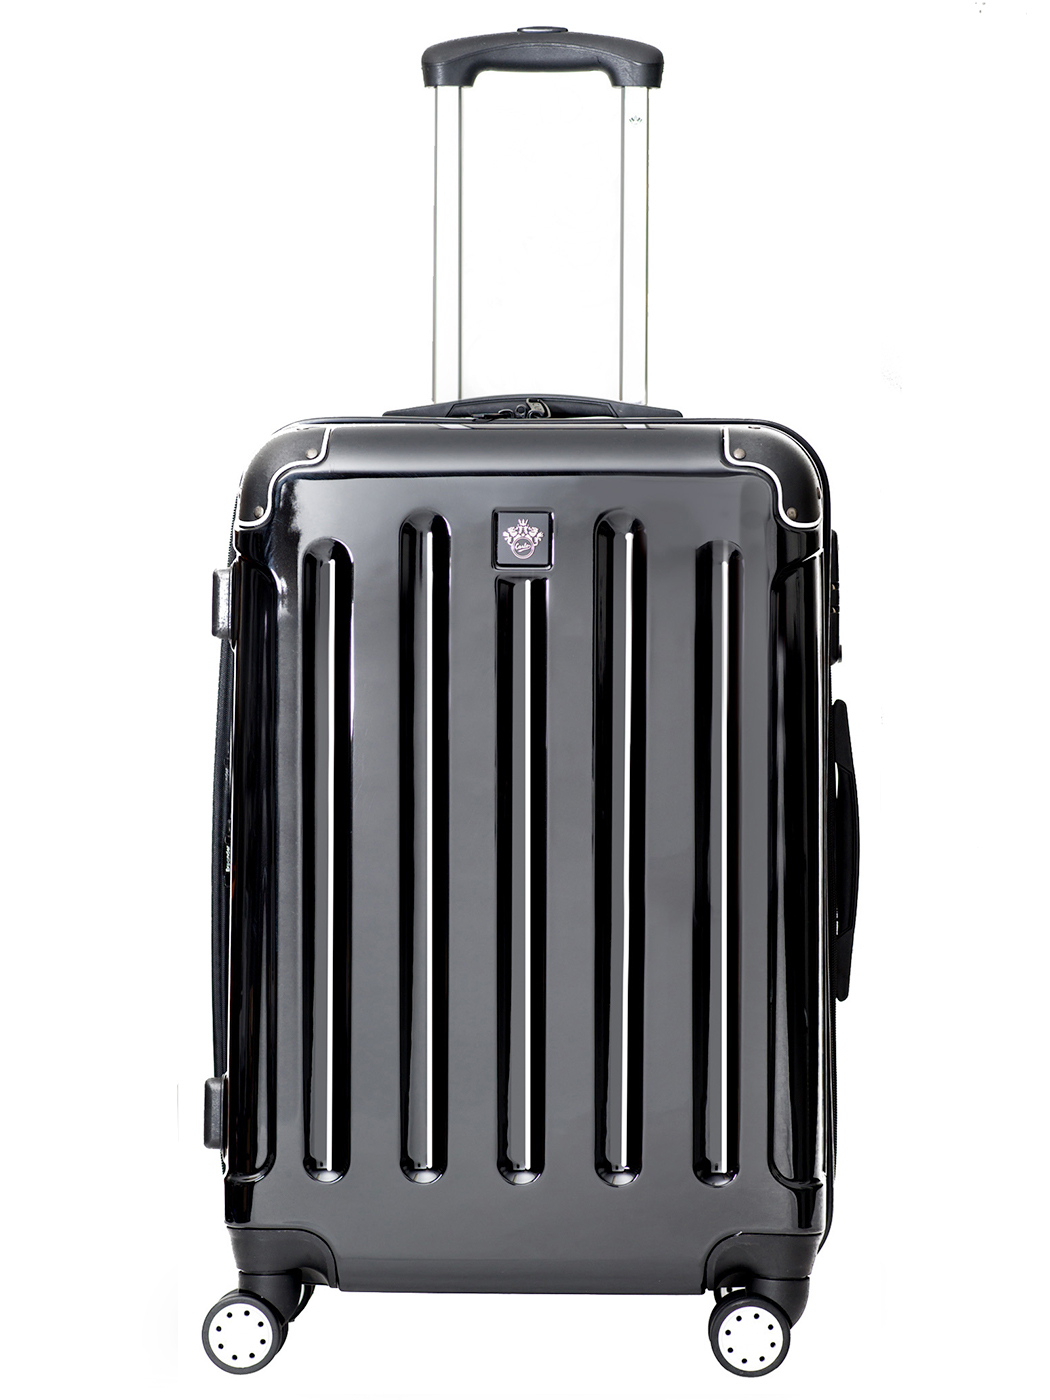 Resväska 70 cm Svart - SweSac Väskor 74ed37b1762cc